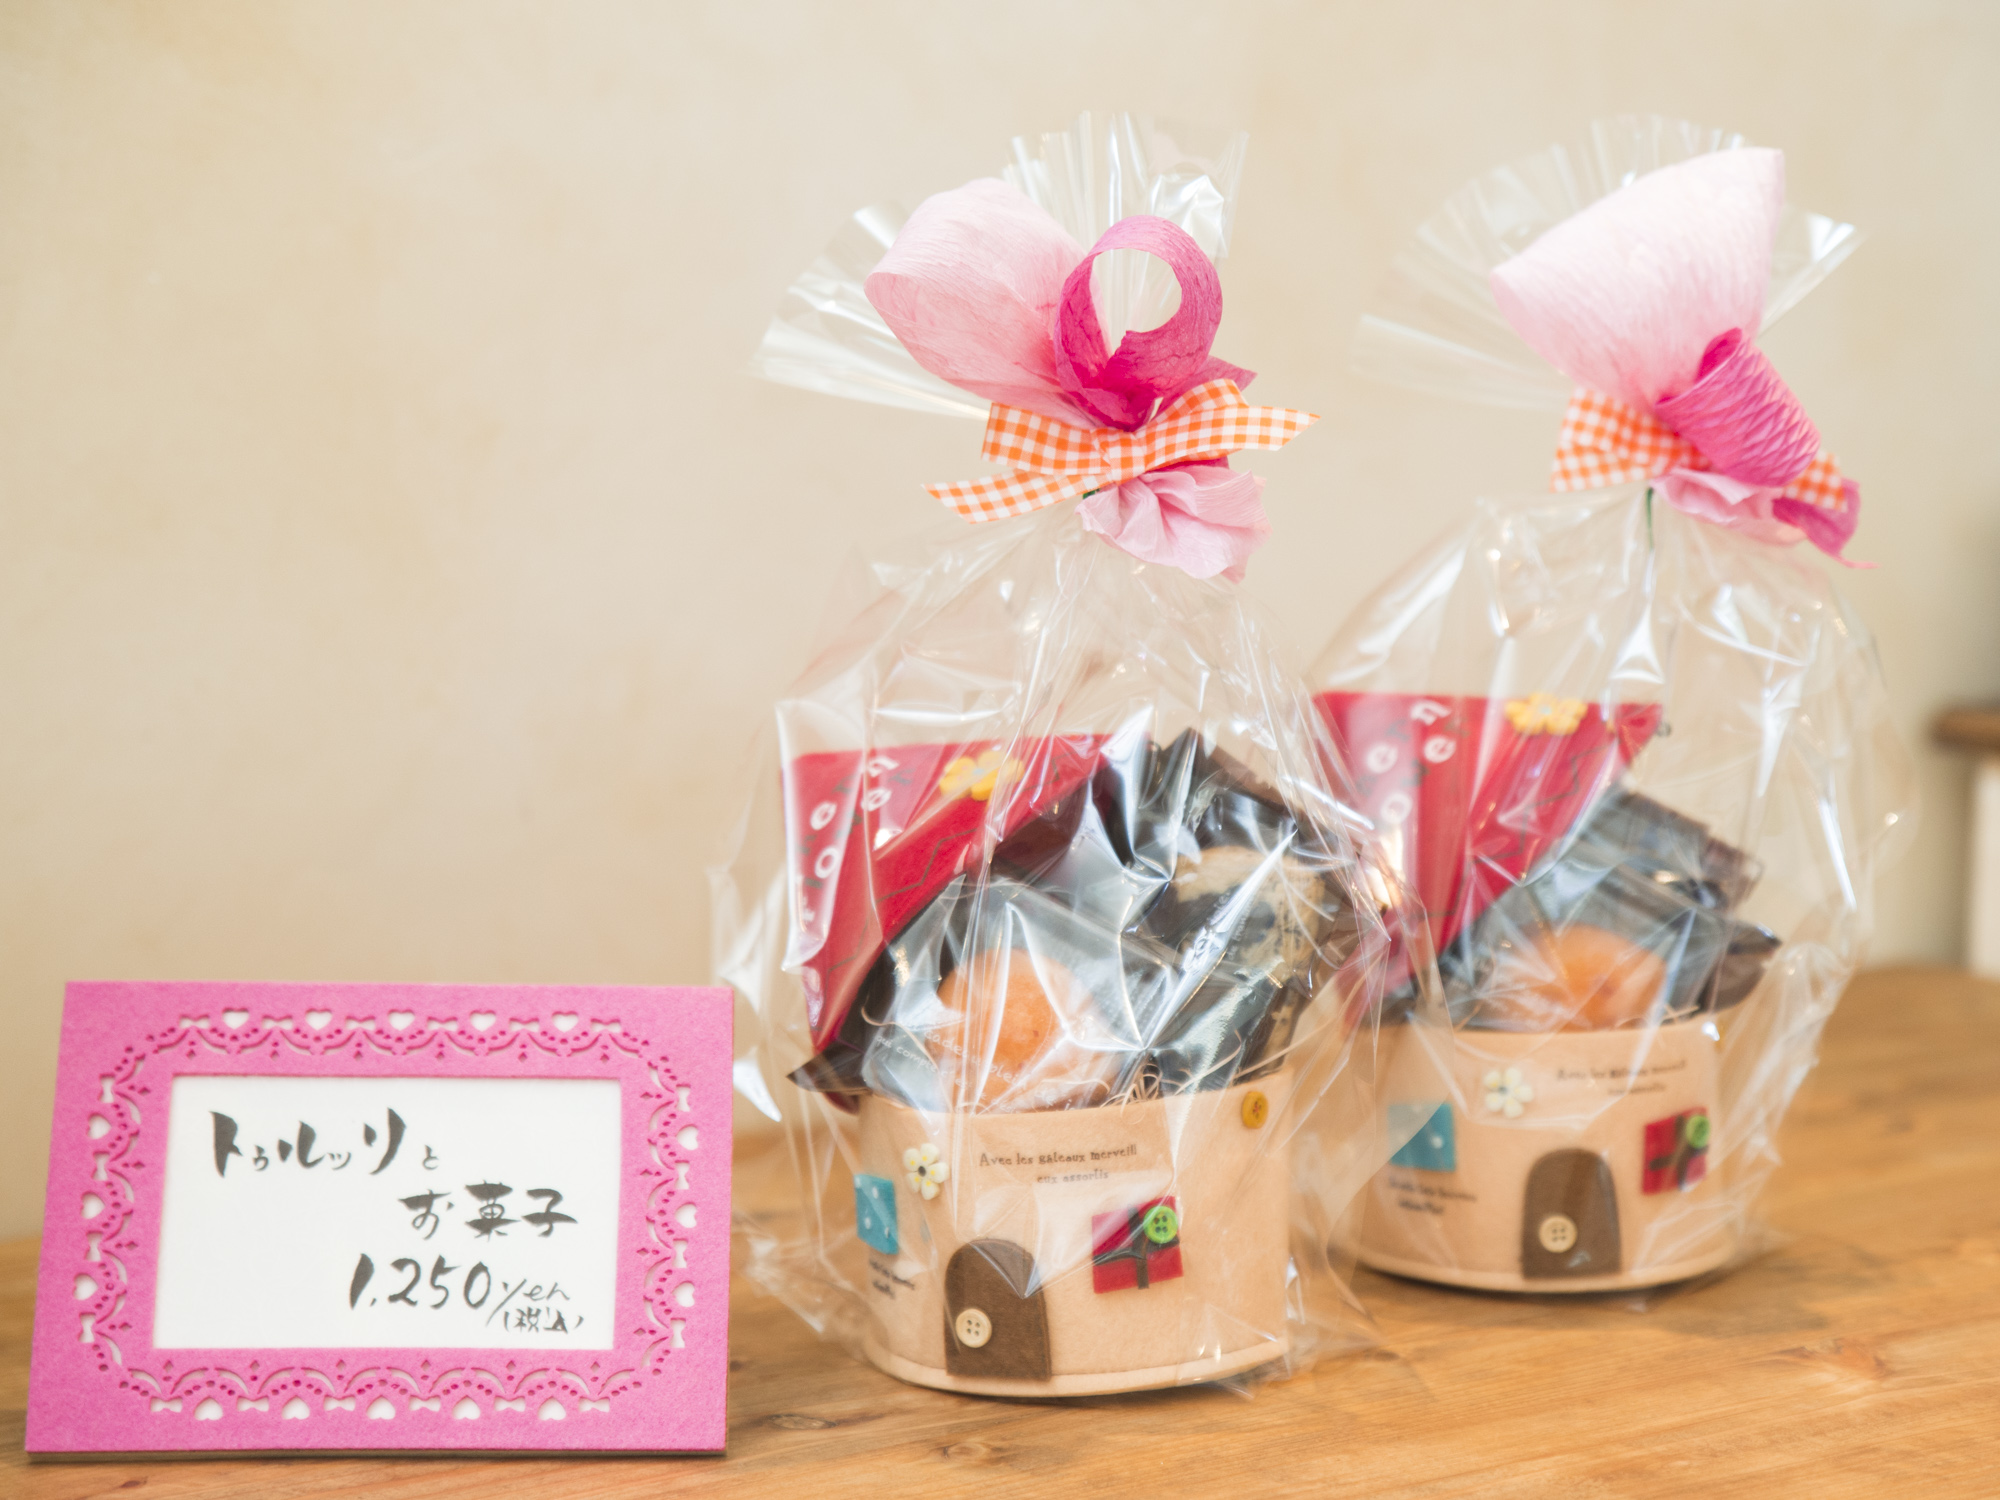 トゥルッソとお菓子 1250円